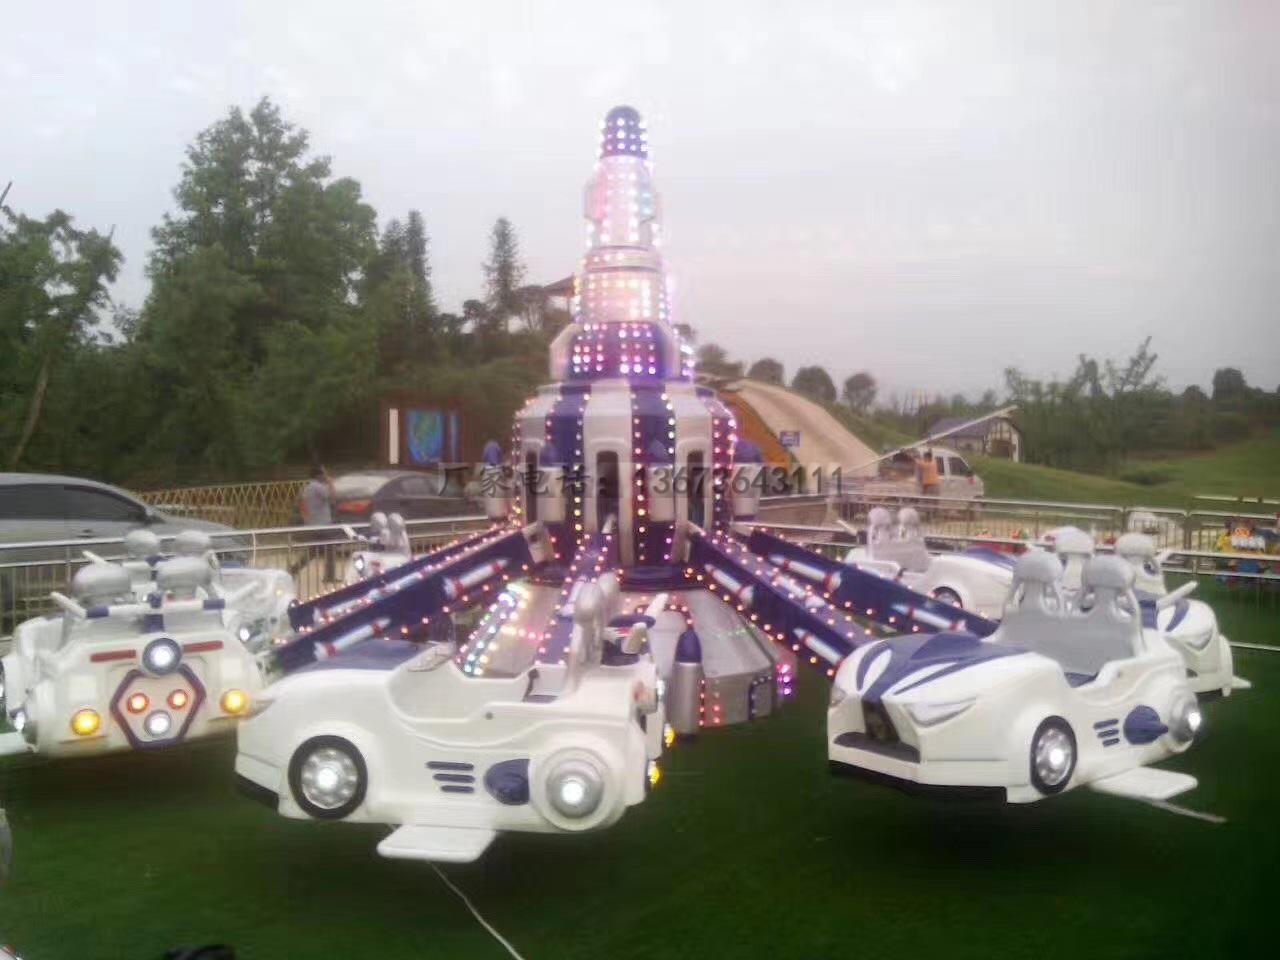 2020郑州大洋游乐设备8臂桑巴气球 儿童游乐厂家直销24座桑巴气球项目示例图44